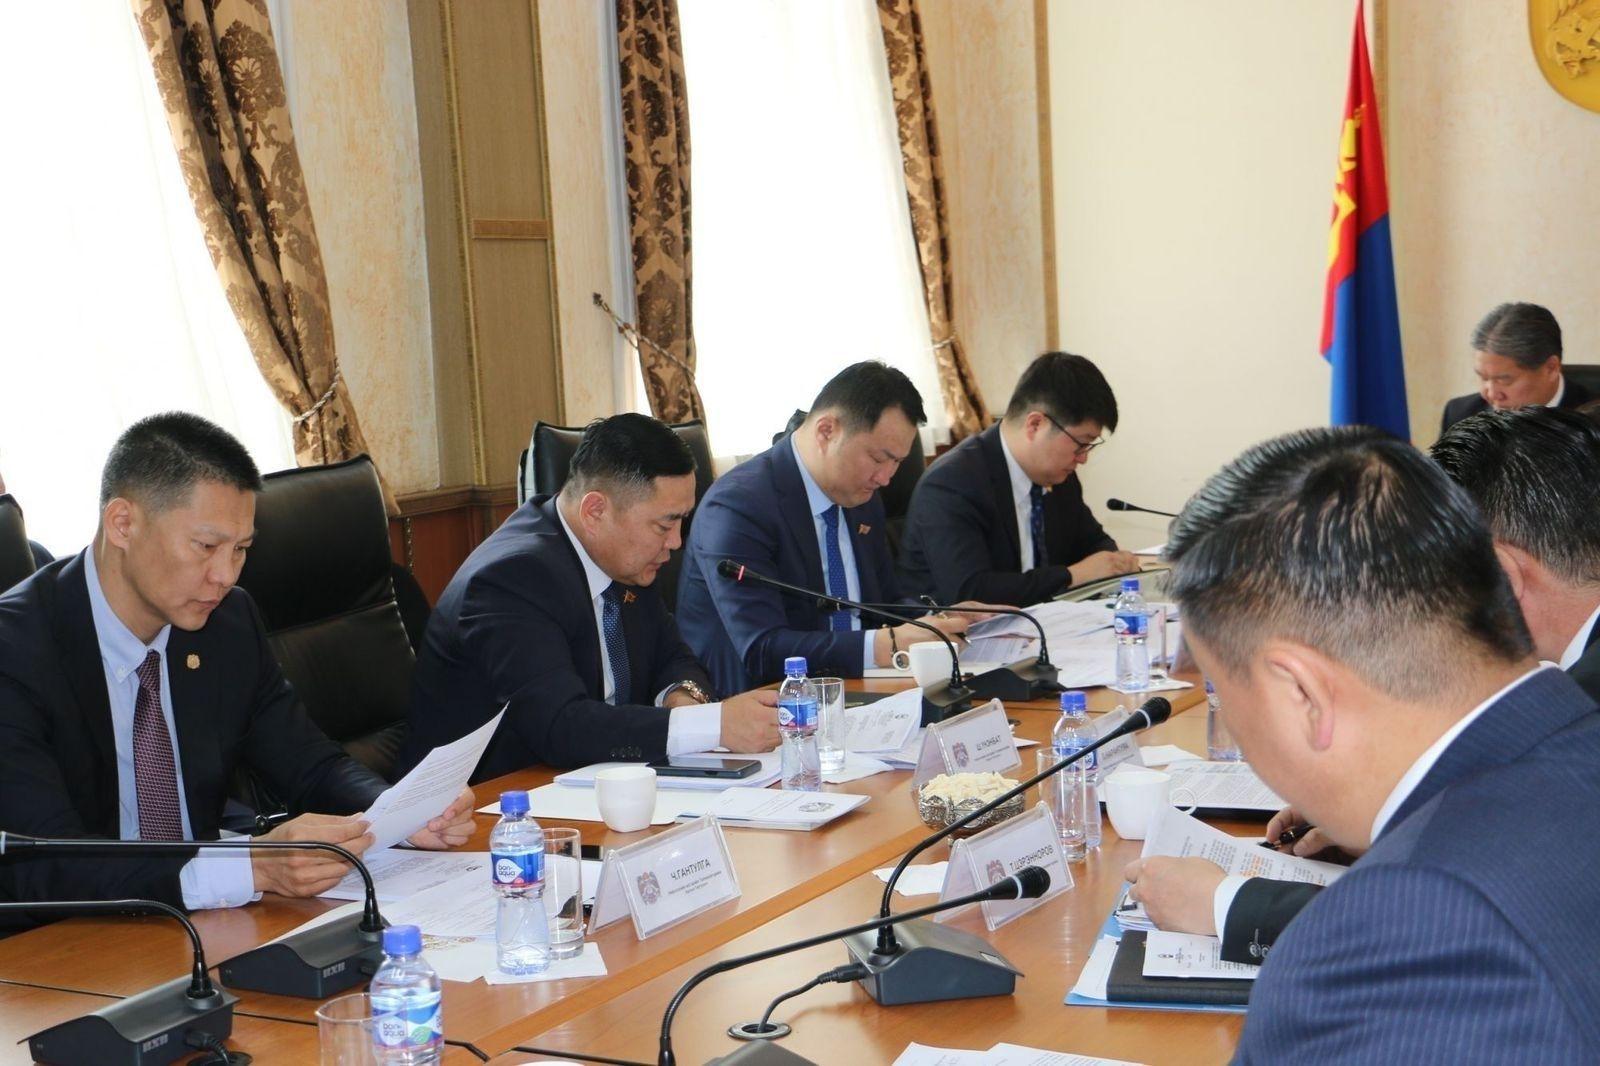 Дэлхийн аль улсад Монголчууд олноор амьдарч байна вэ?